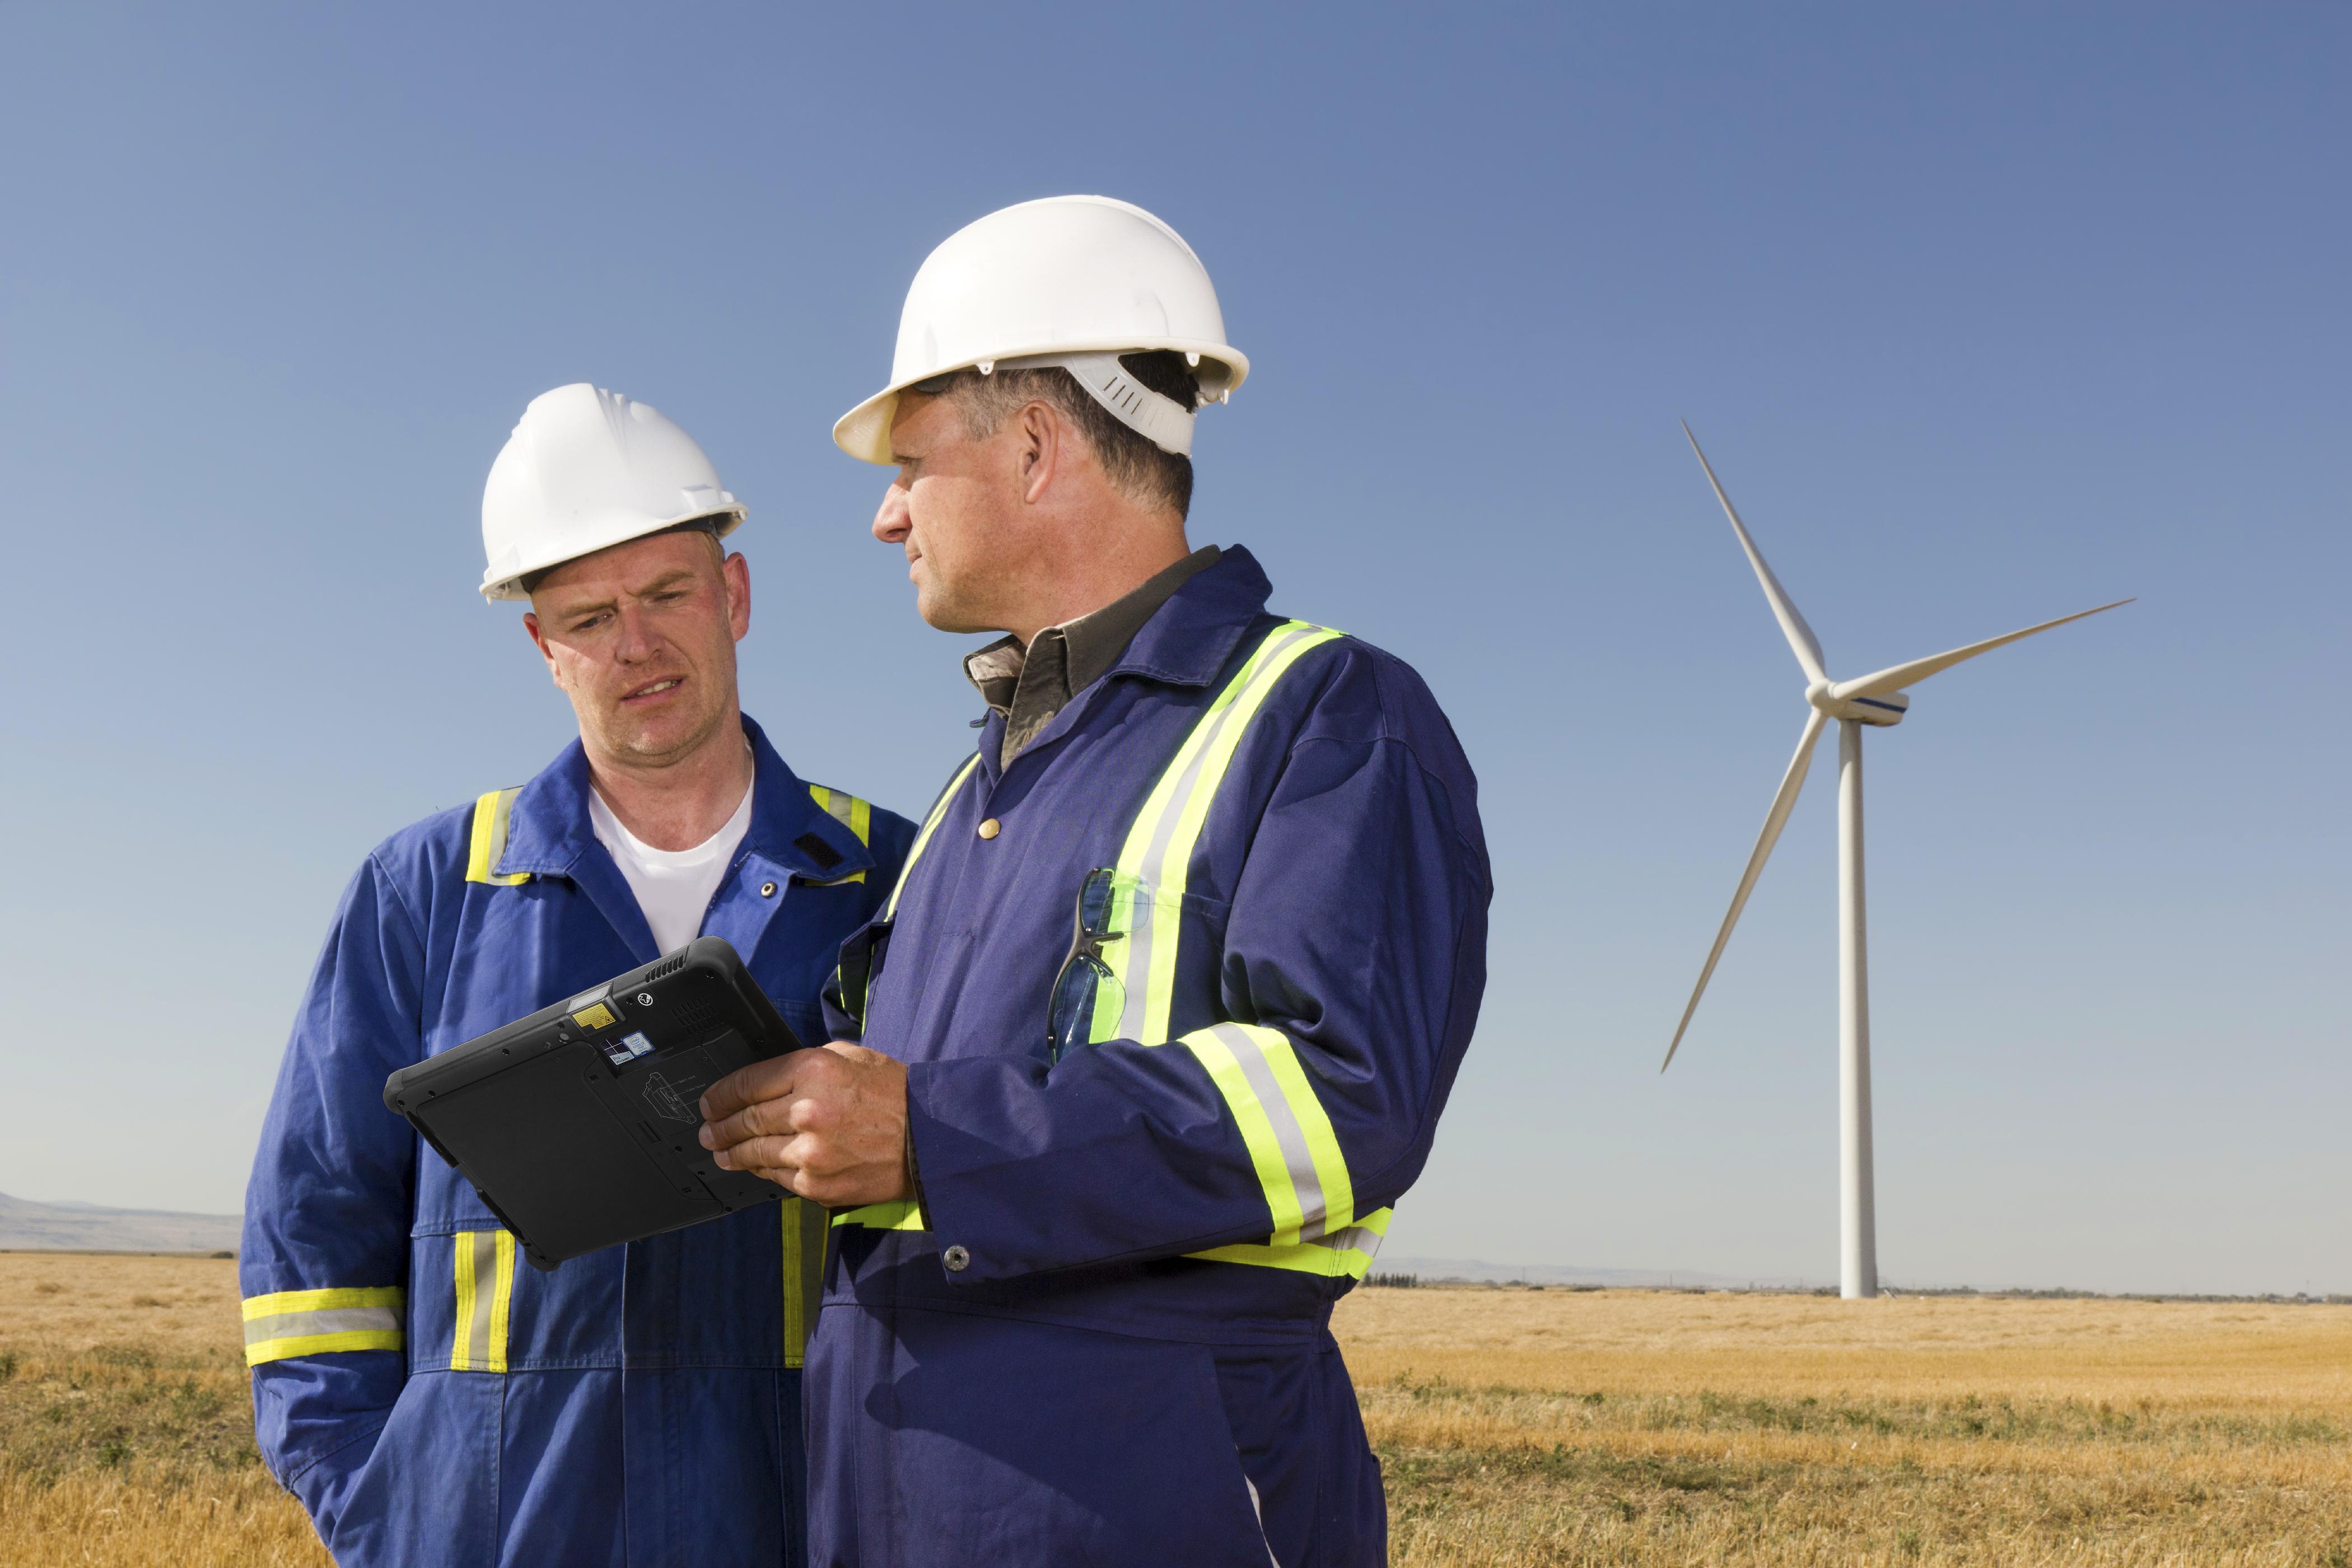 Getac F110 Utilities sector